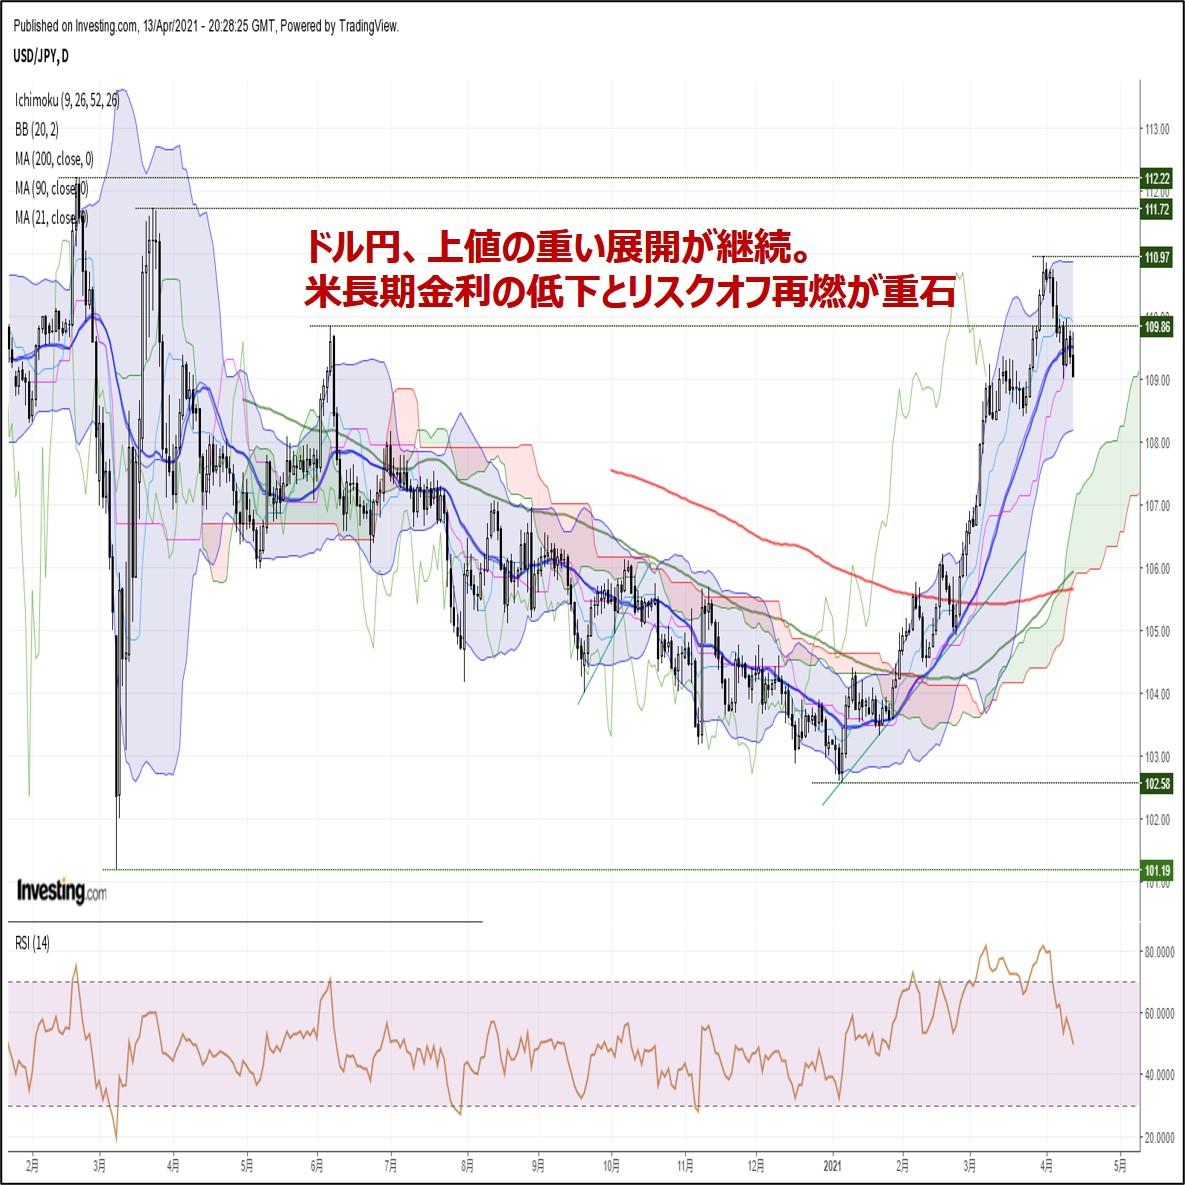 ドル円、上値の重い展開が継続。米長期金利の低下とリスクオフ再燃が重石(4/14朝)